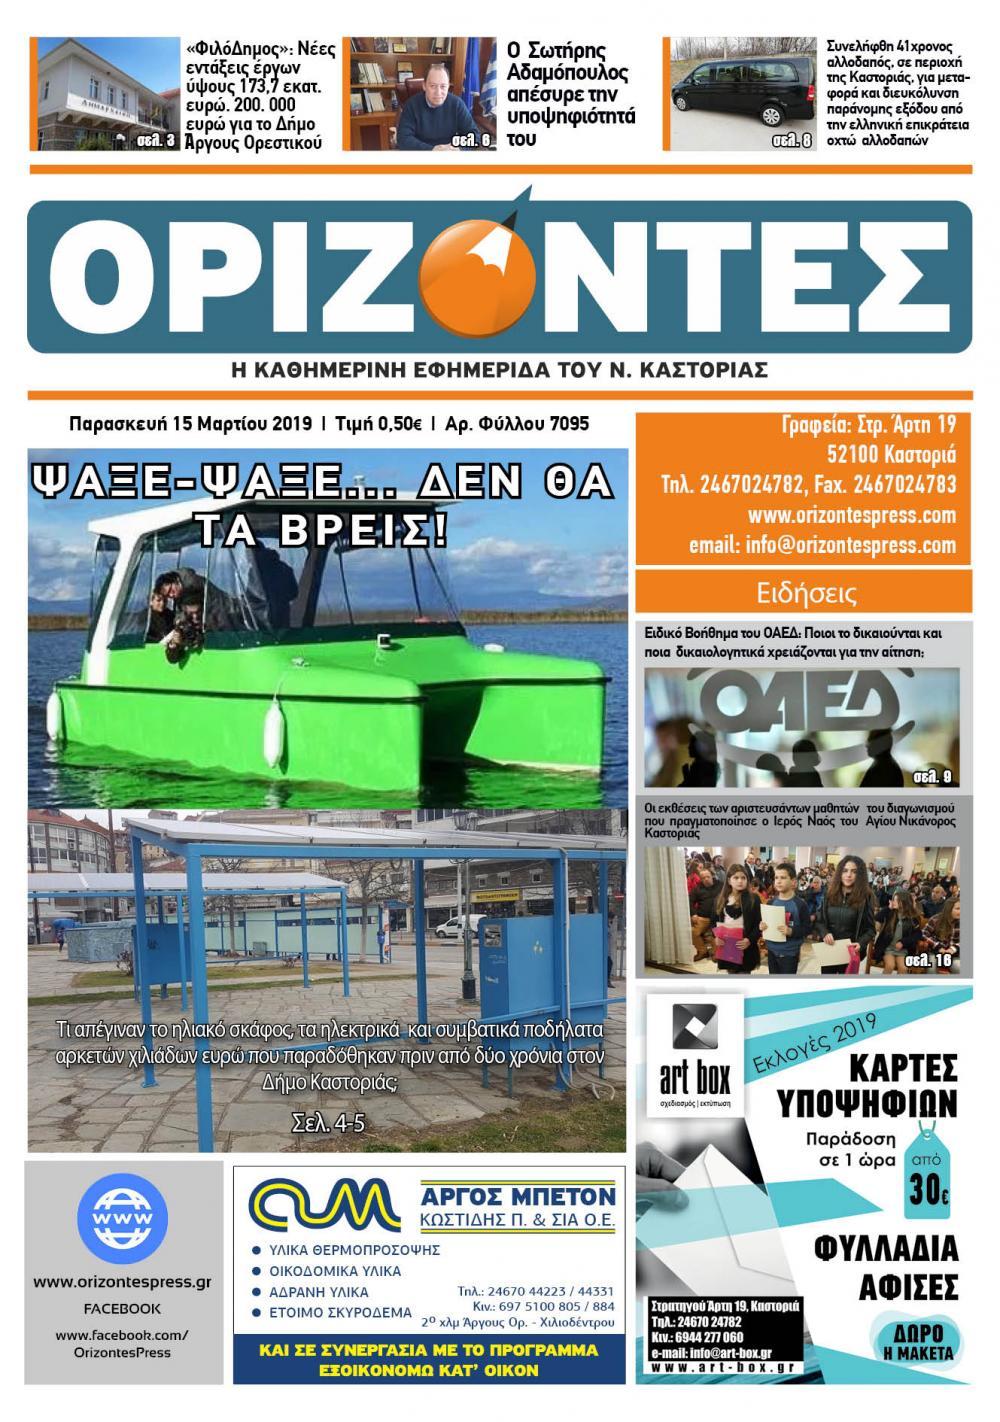 Πρωτοσέλιδο εφημερίδας Ορίζοντες Press